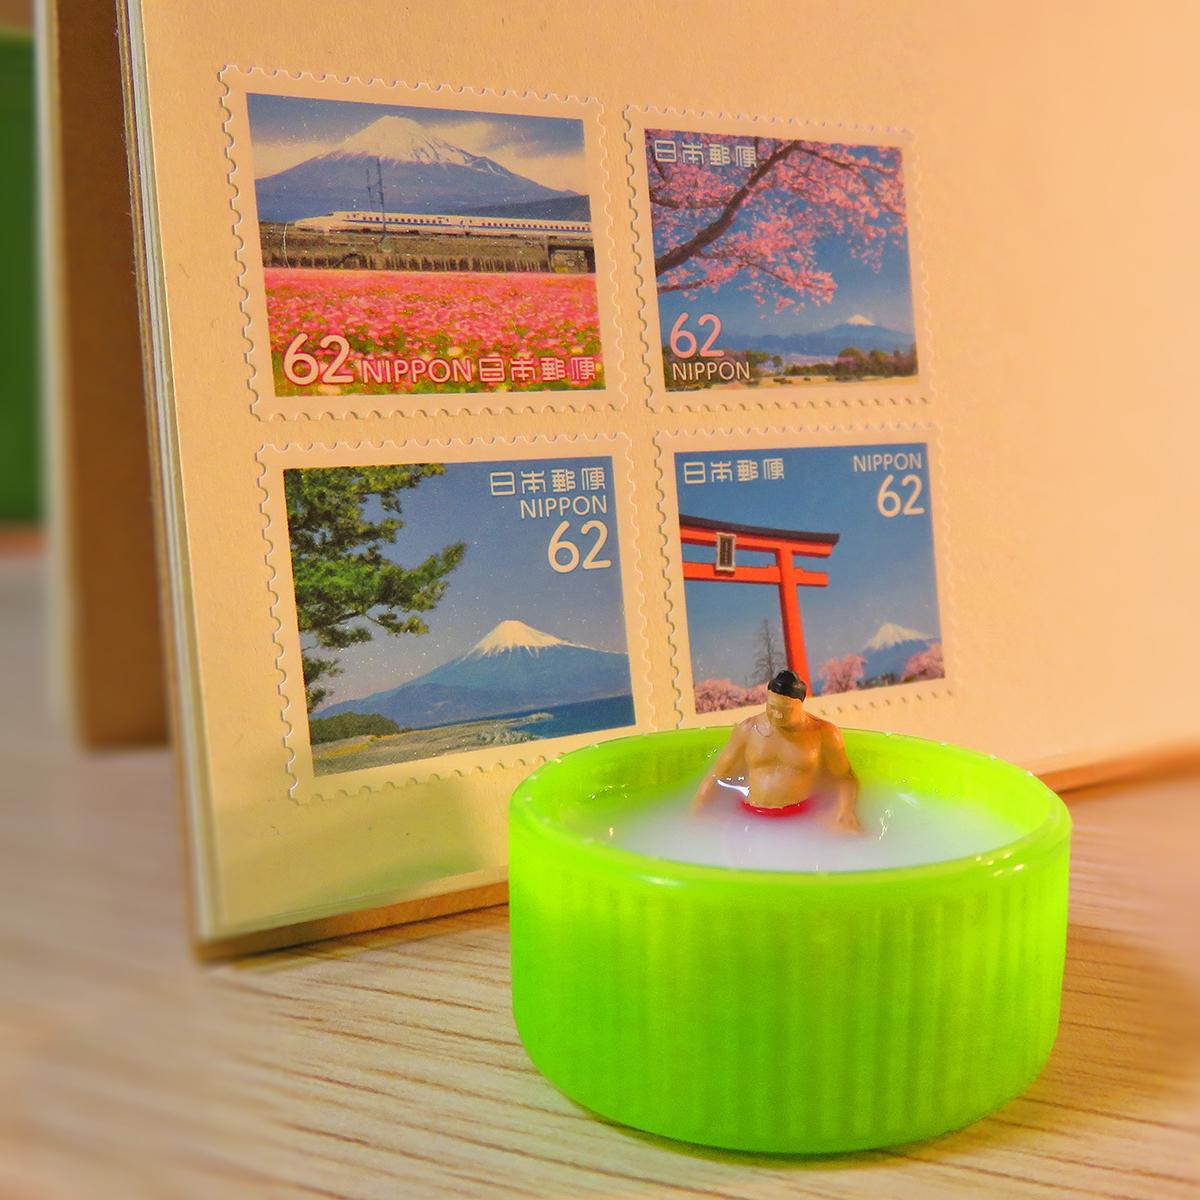 10月10日は銭湯の日!ペットボトル銭湯のキャップ湯船に浸かるお相撲さん